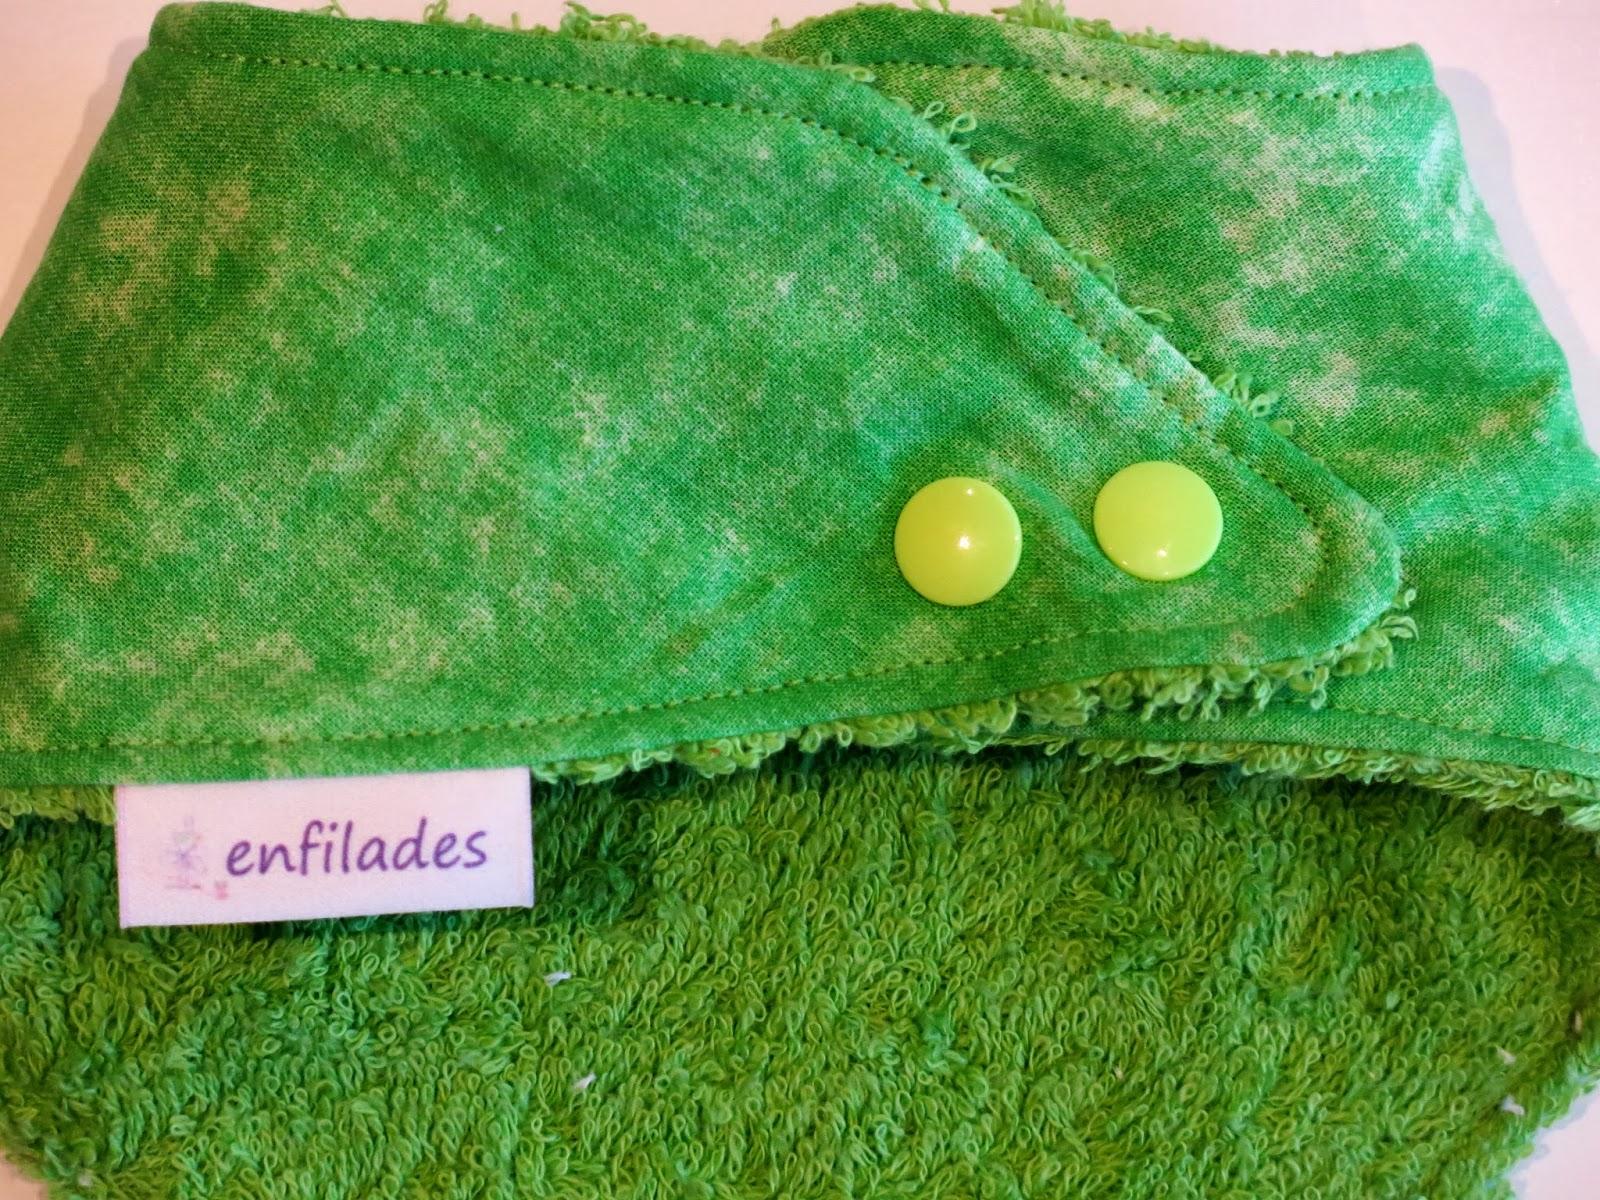 pitet bandana verd llima darrere - serie Escola enfilades.cat